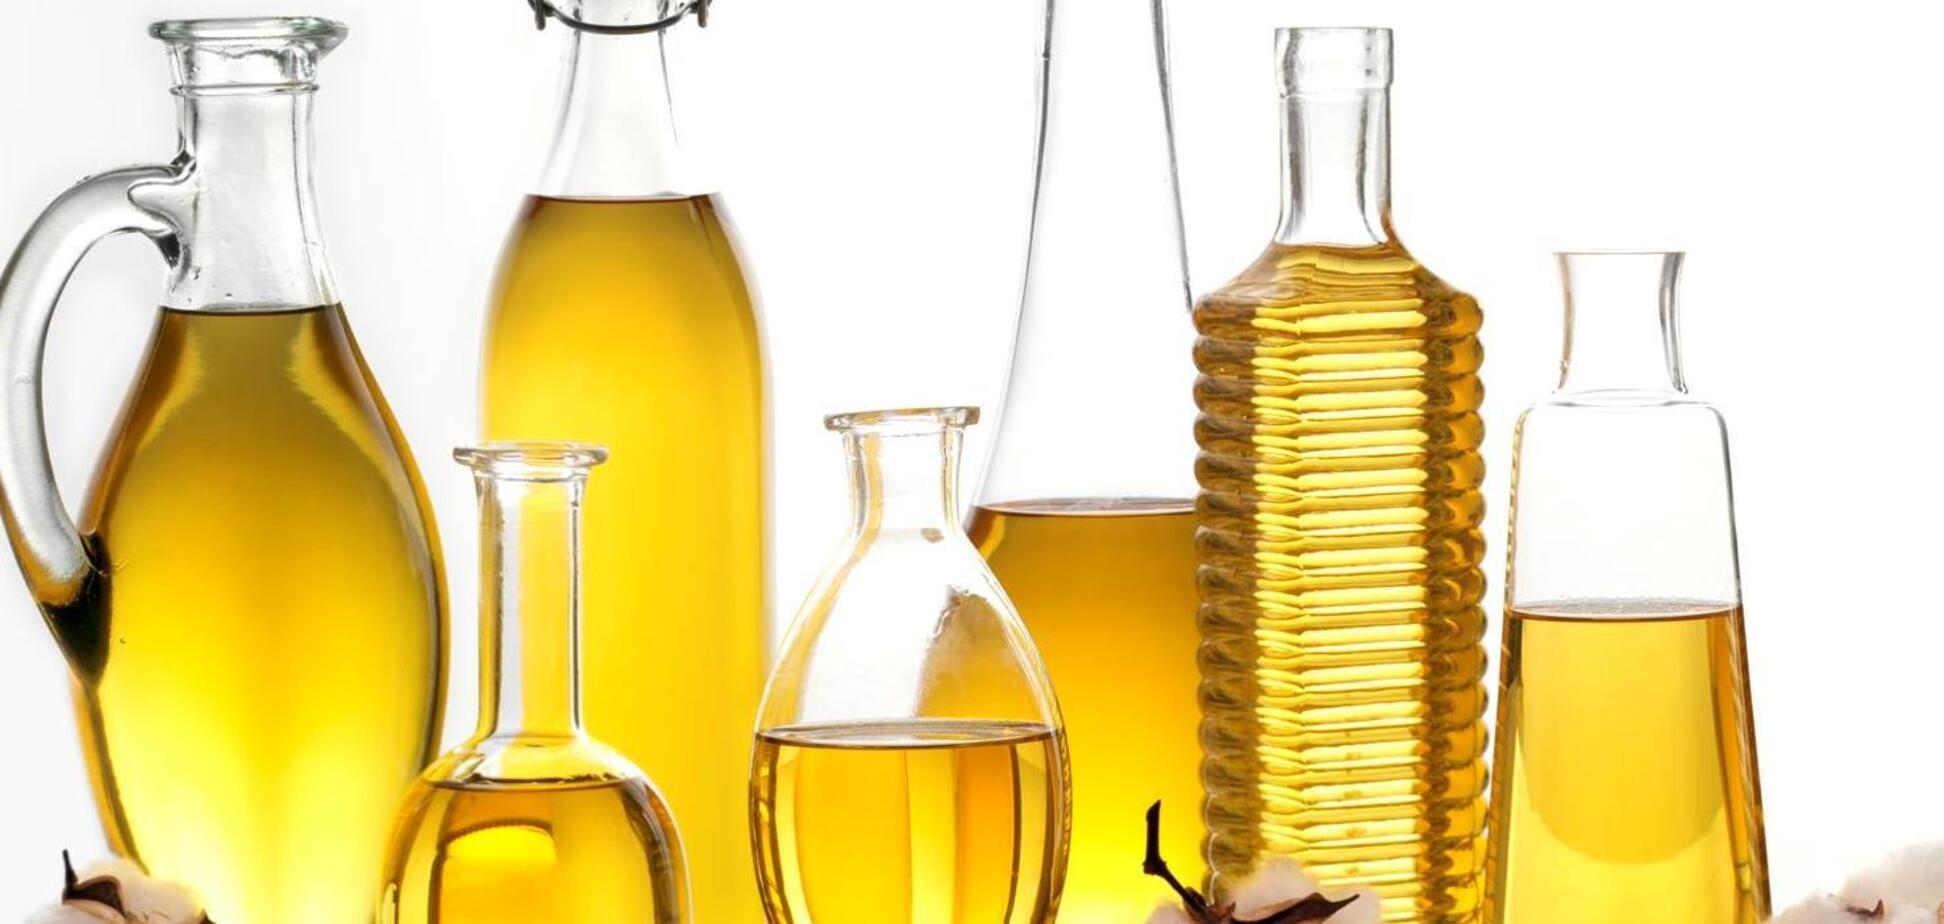 Що буде з цінами на соняшникову олію в Україні: озвучено прогноз